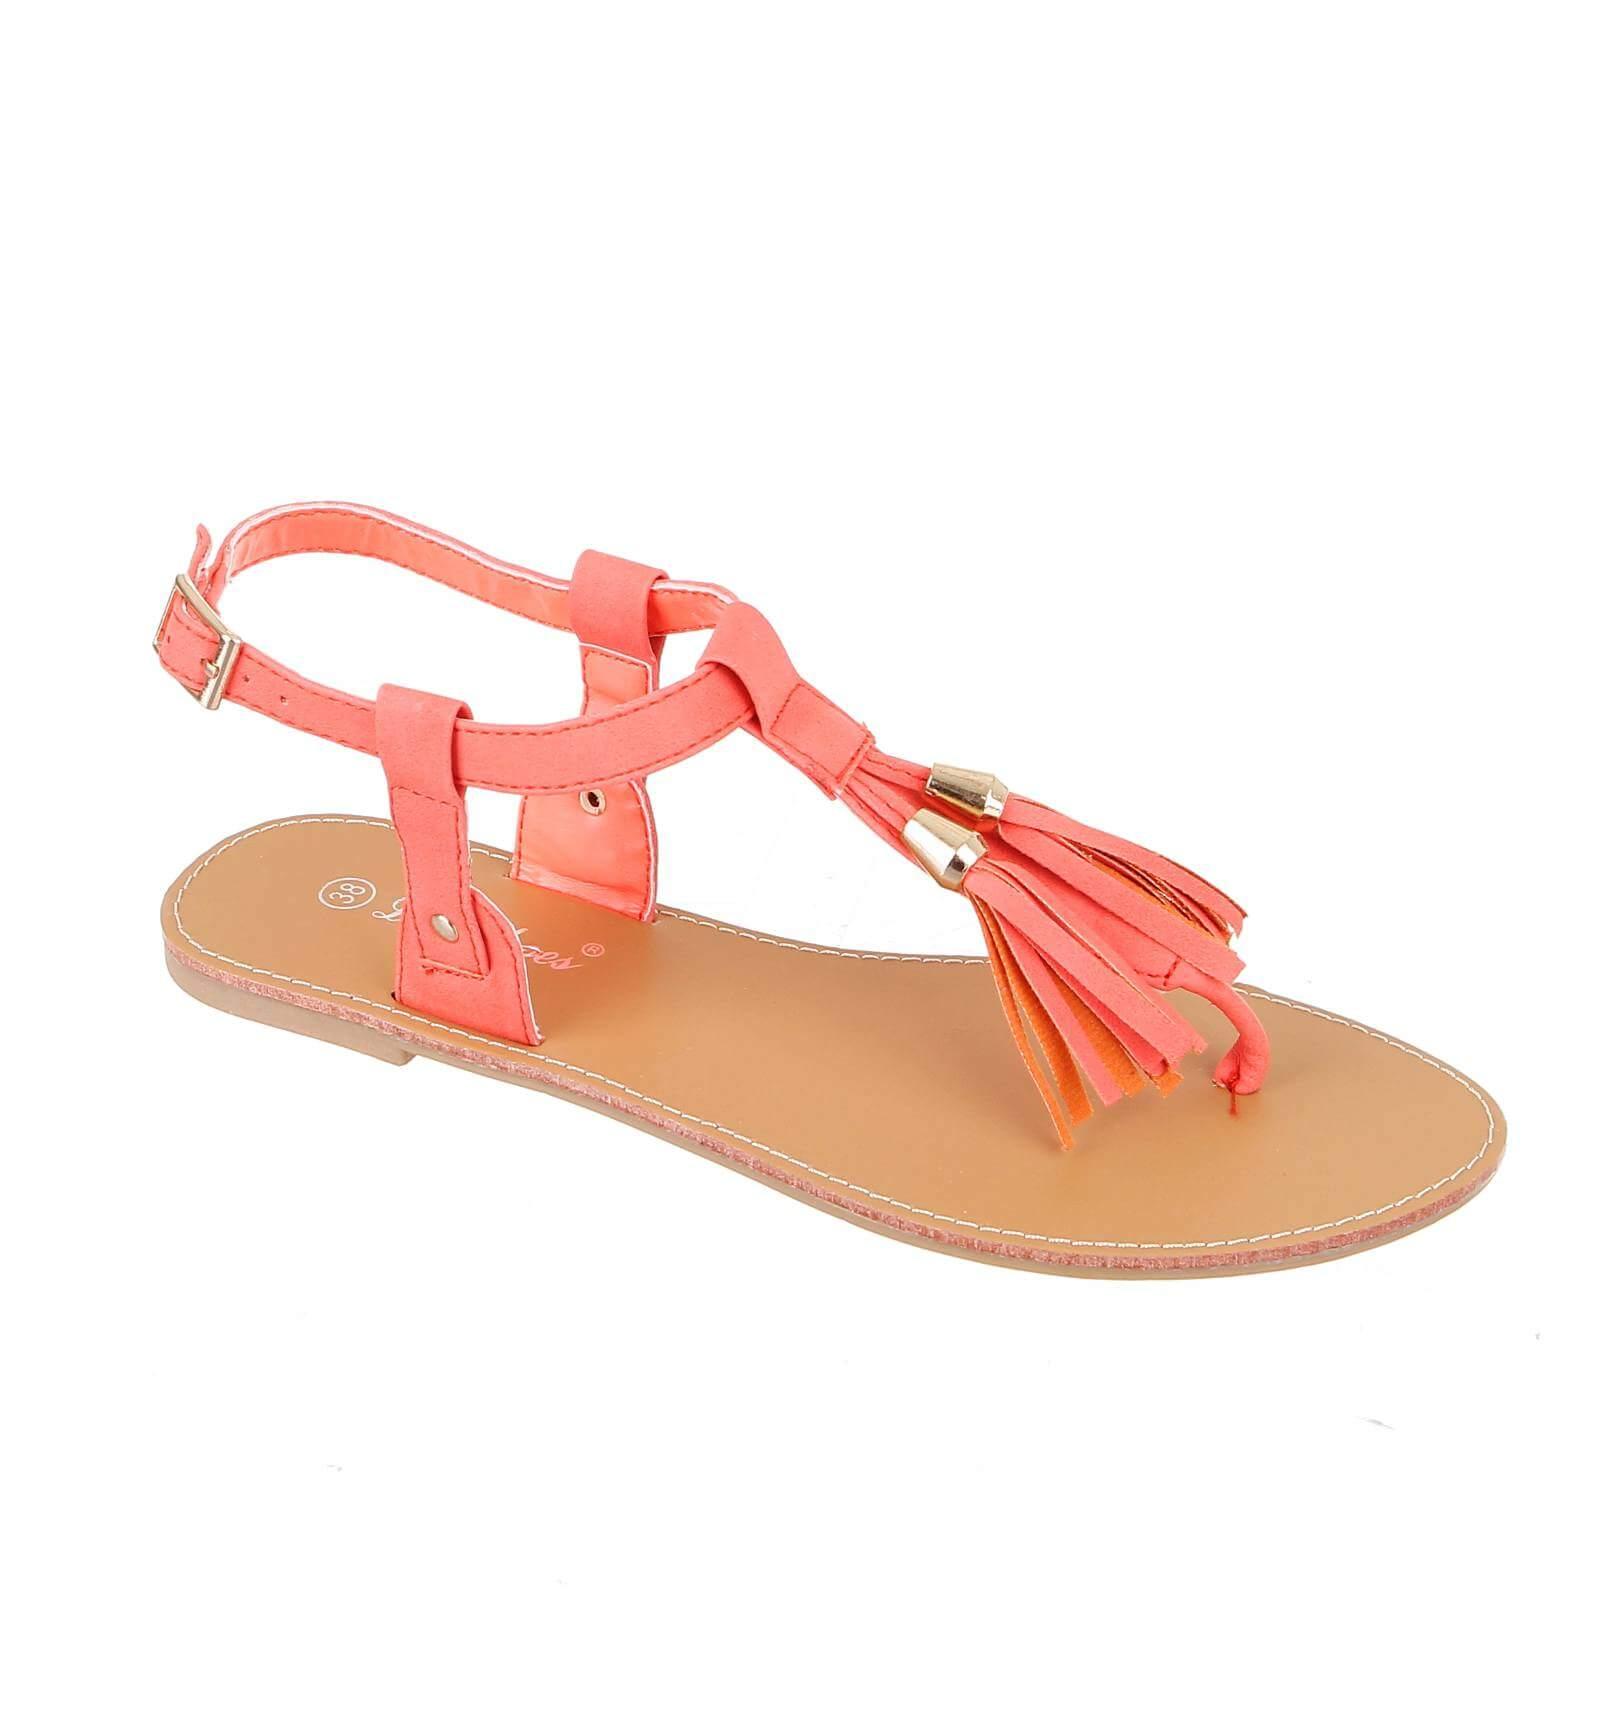 la paire de sandale pretty simili cuir frange corail pompons. Black Bedroom Furniture Sets. Home Design Ideas